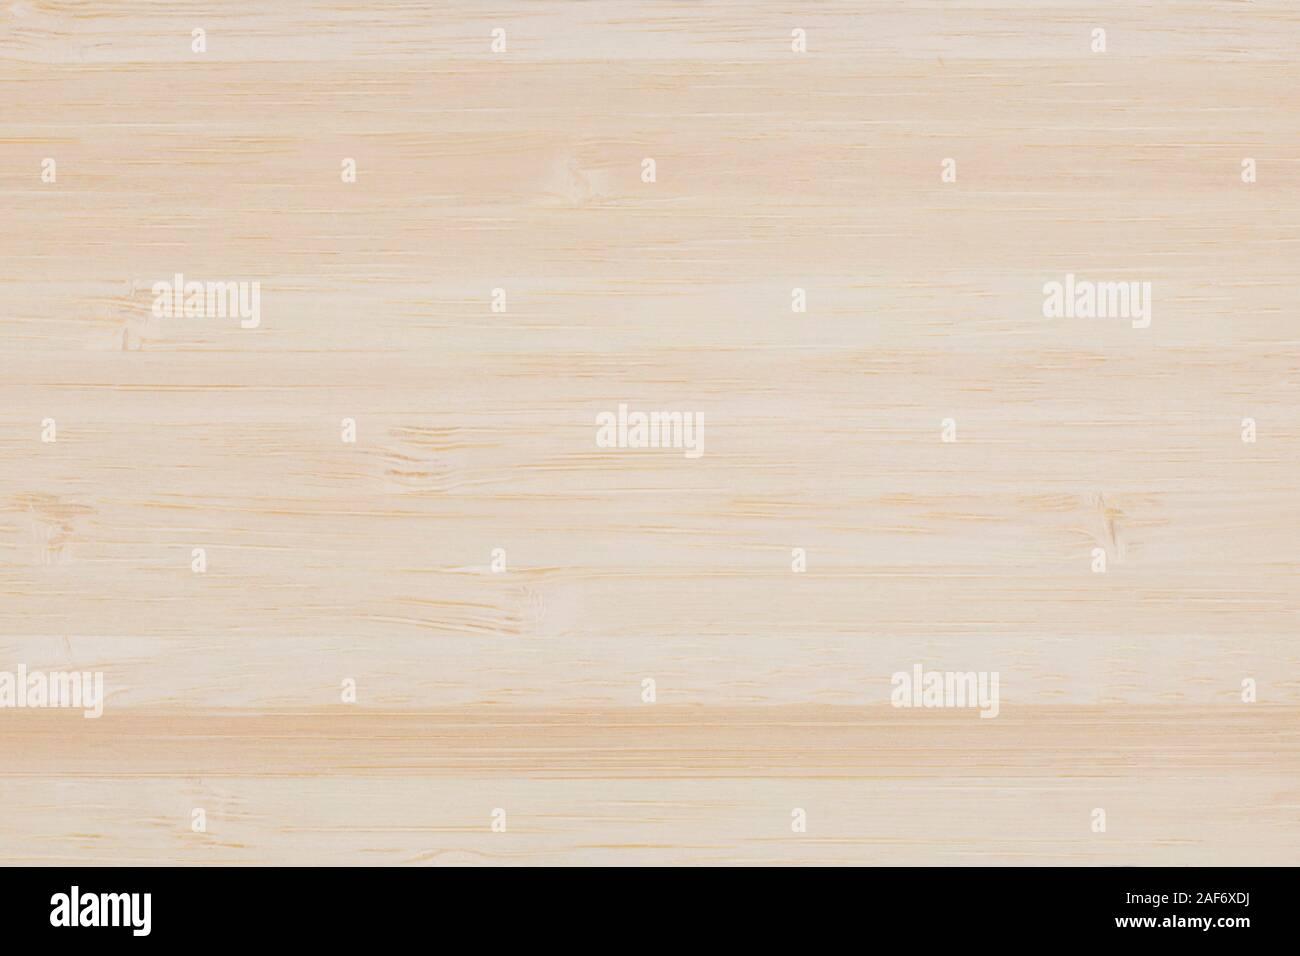 Texture De Parquet Photos Texture De Parquet Images Alamy